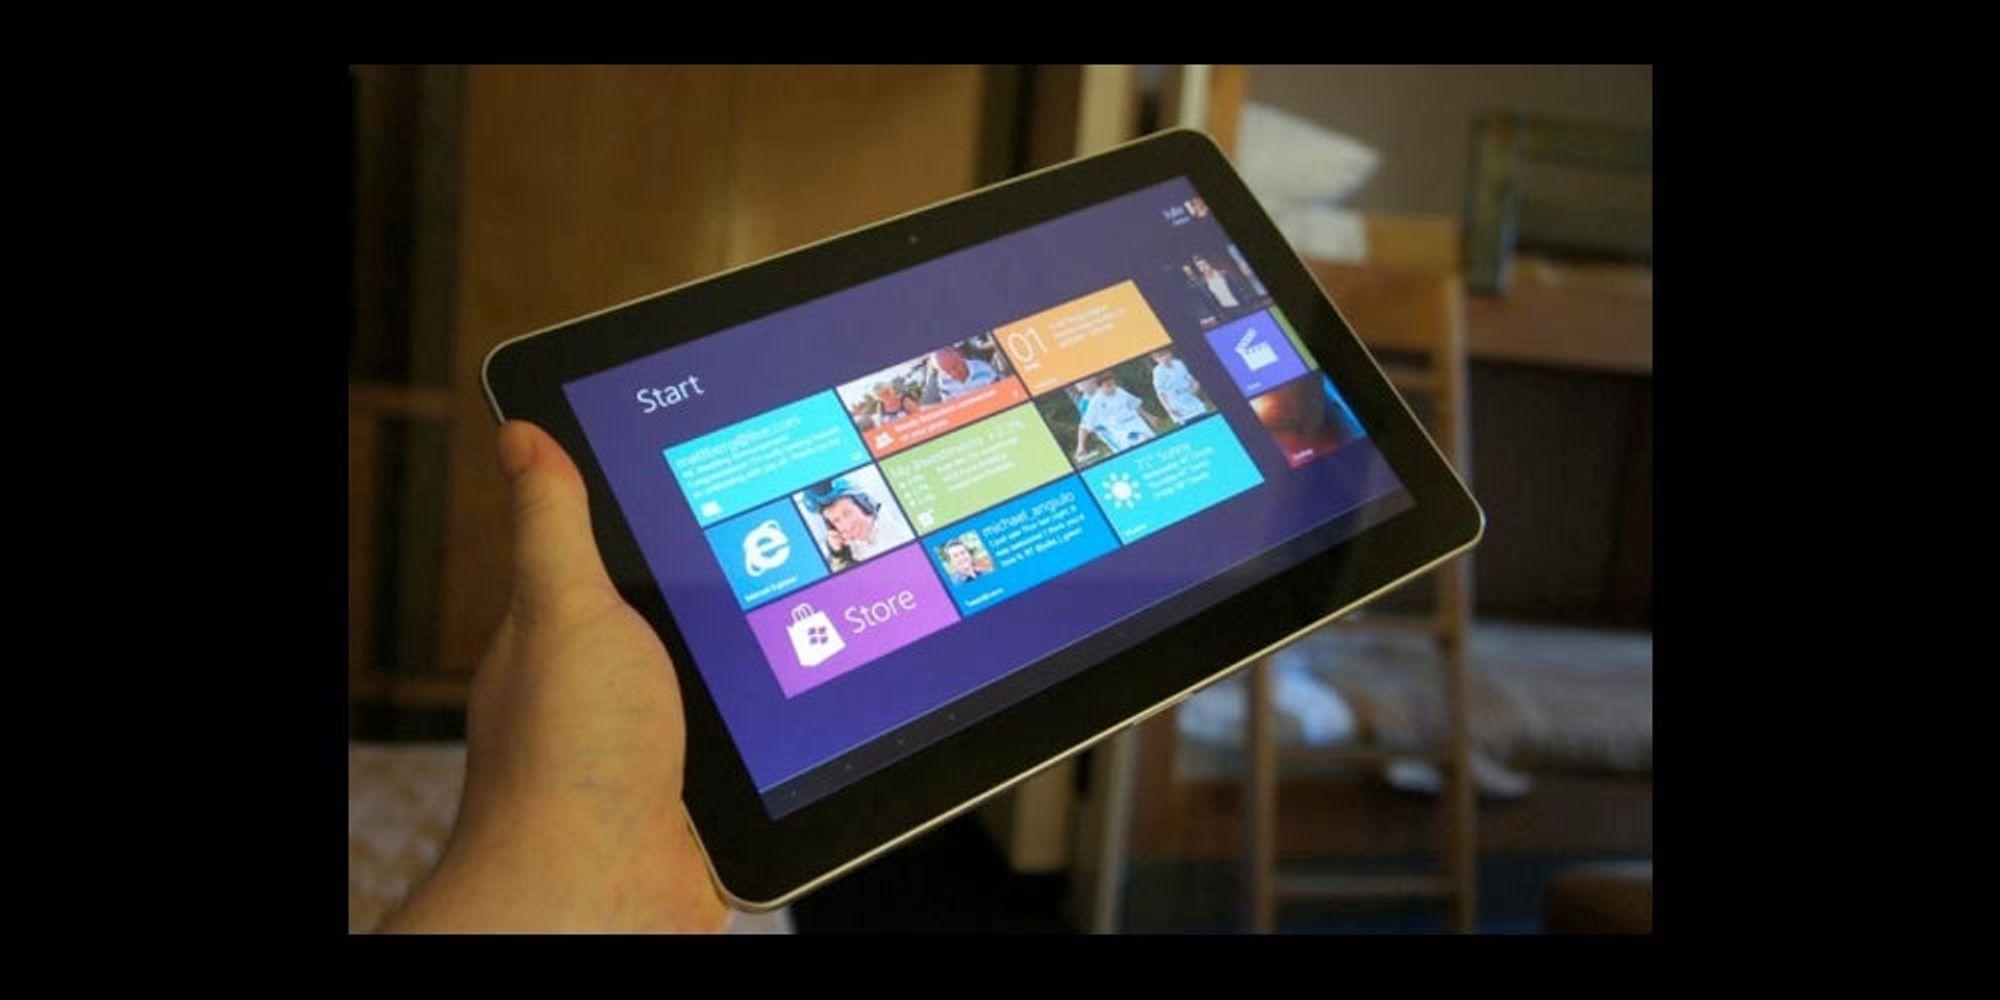 Windows 8-nettbrett i år